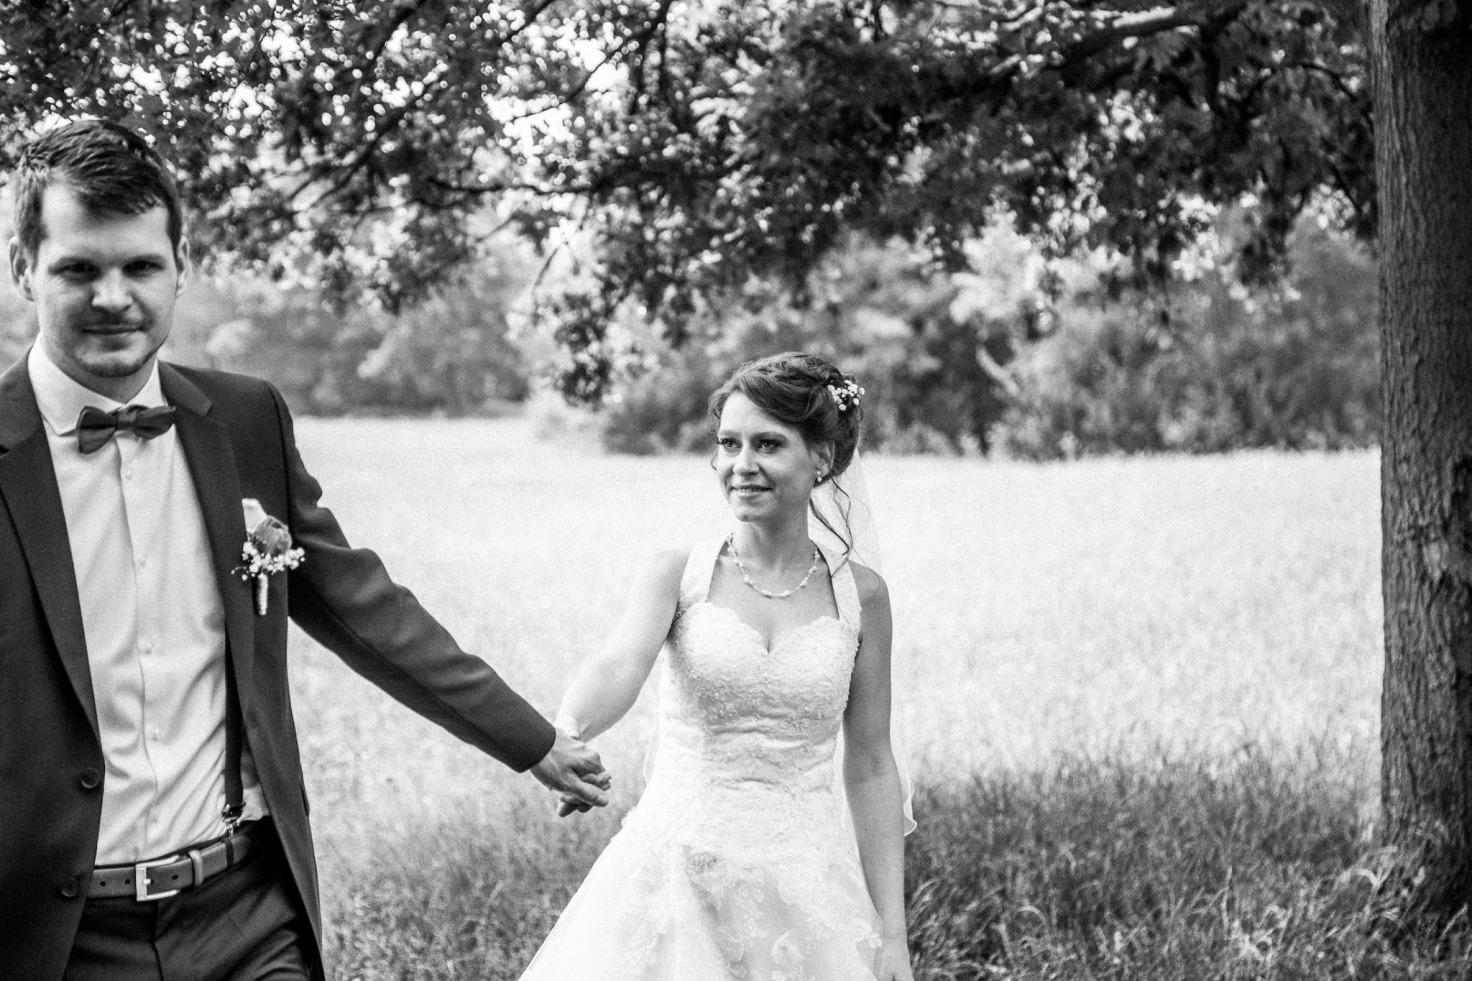 Hochzeit von Tine und Basti in Münster: Braut schaut nach ihrem Ehemann